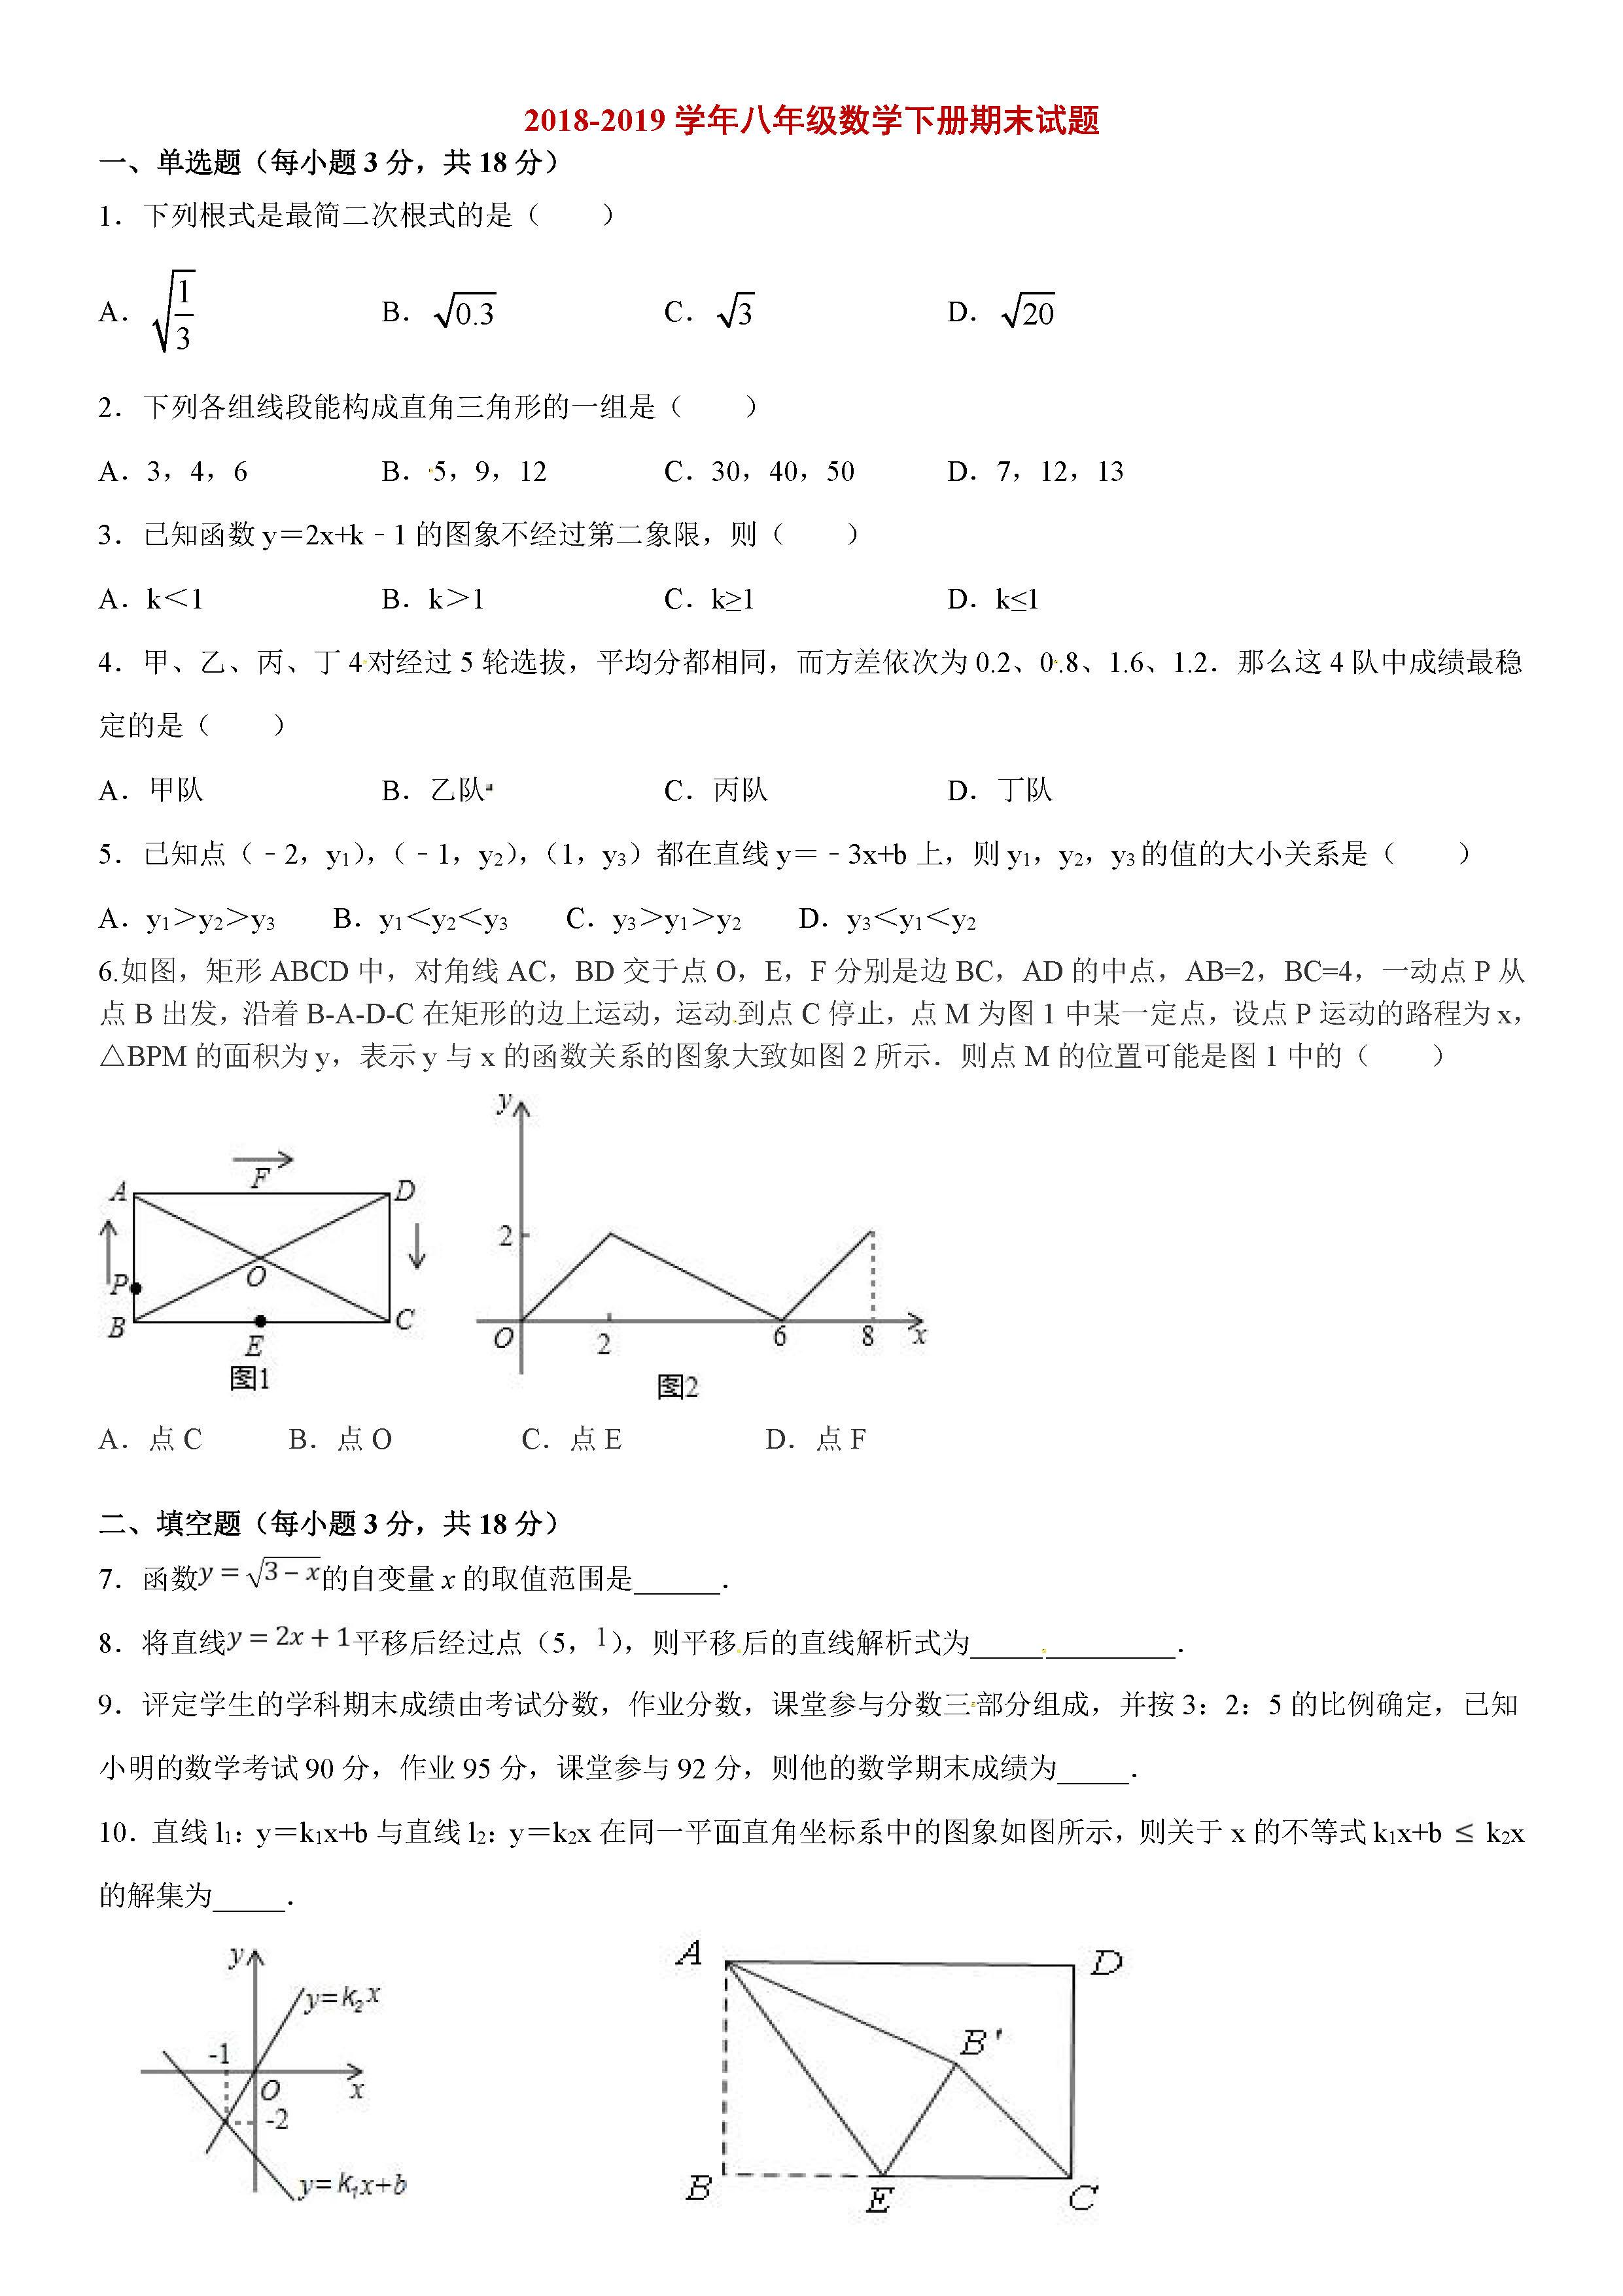 江西南昌市2018-2019八年级数学下册期末测试题附答案